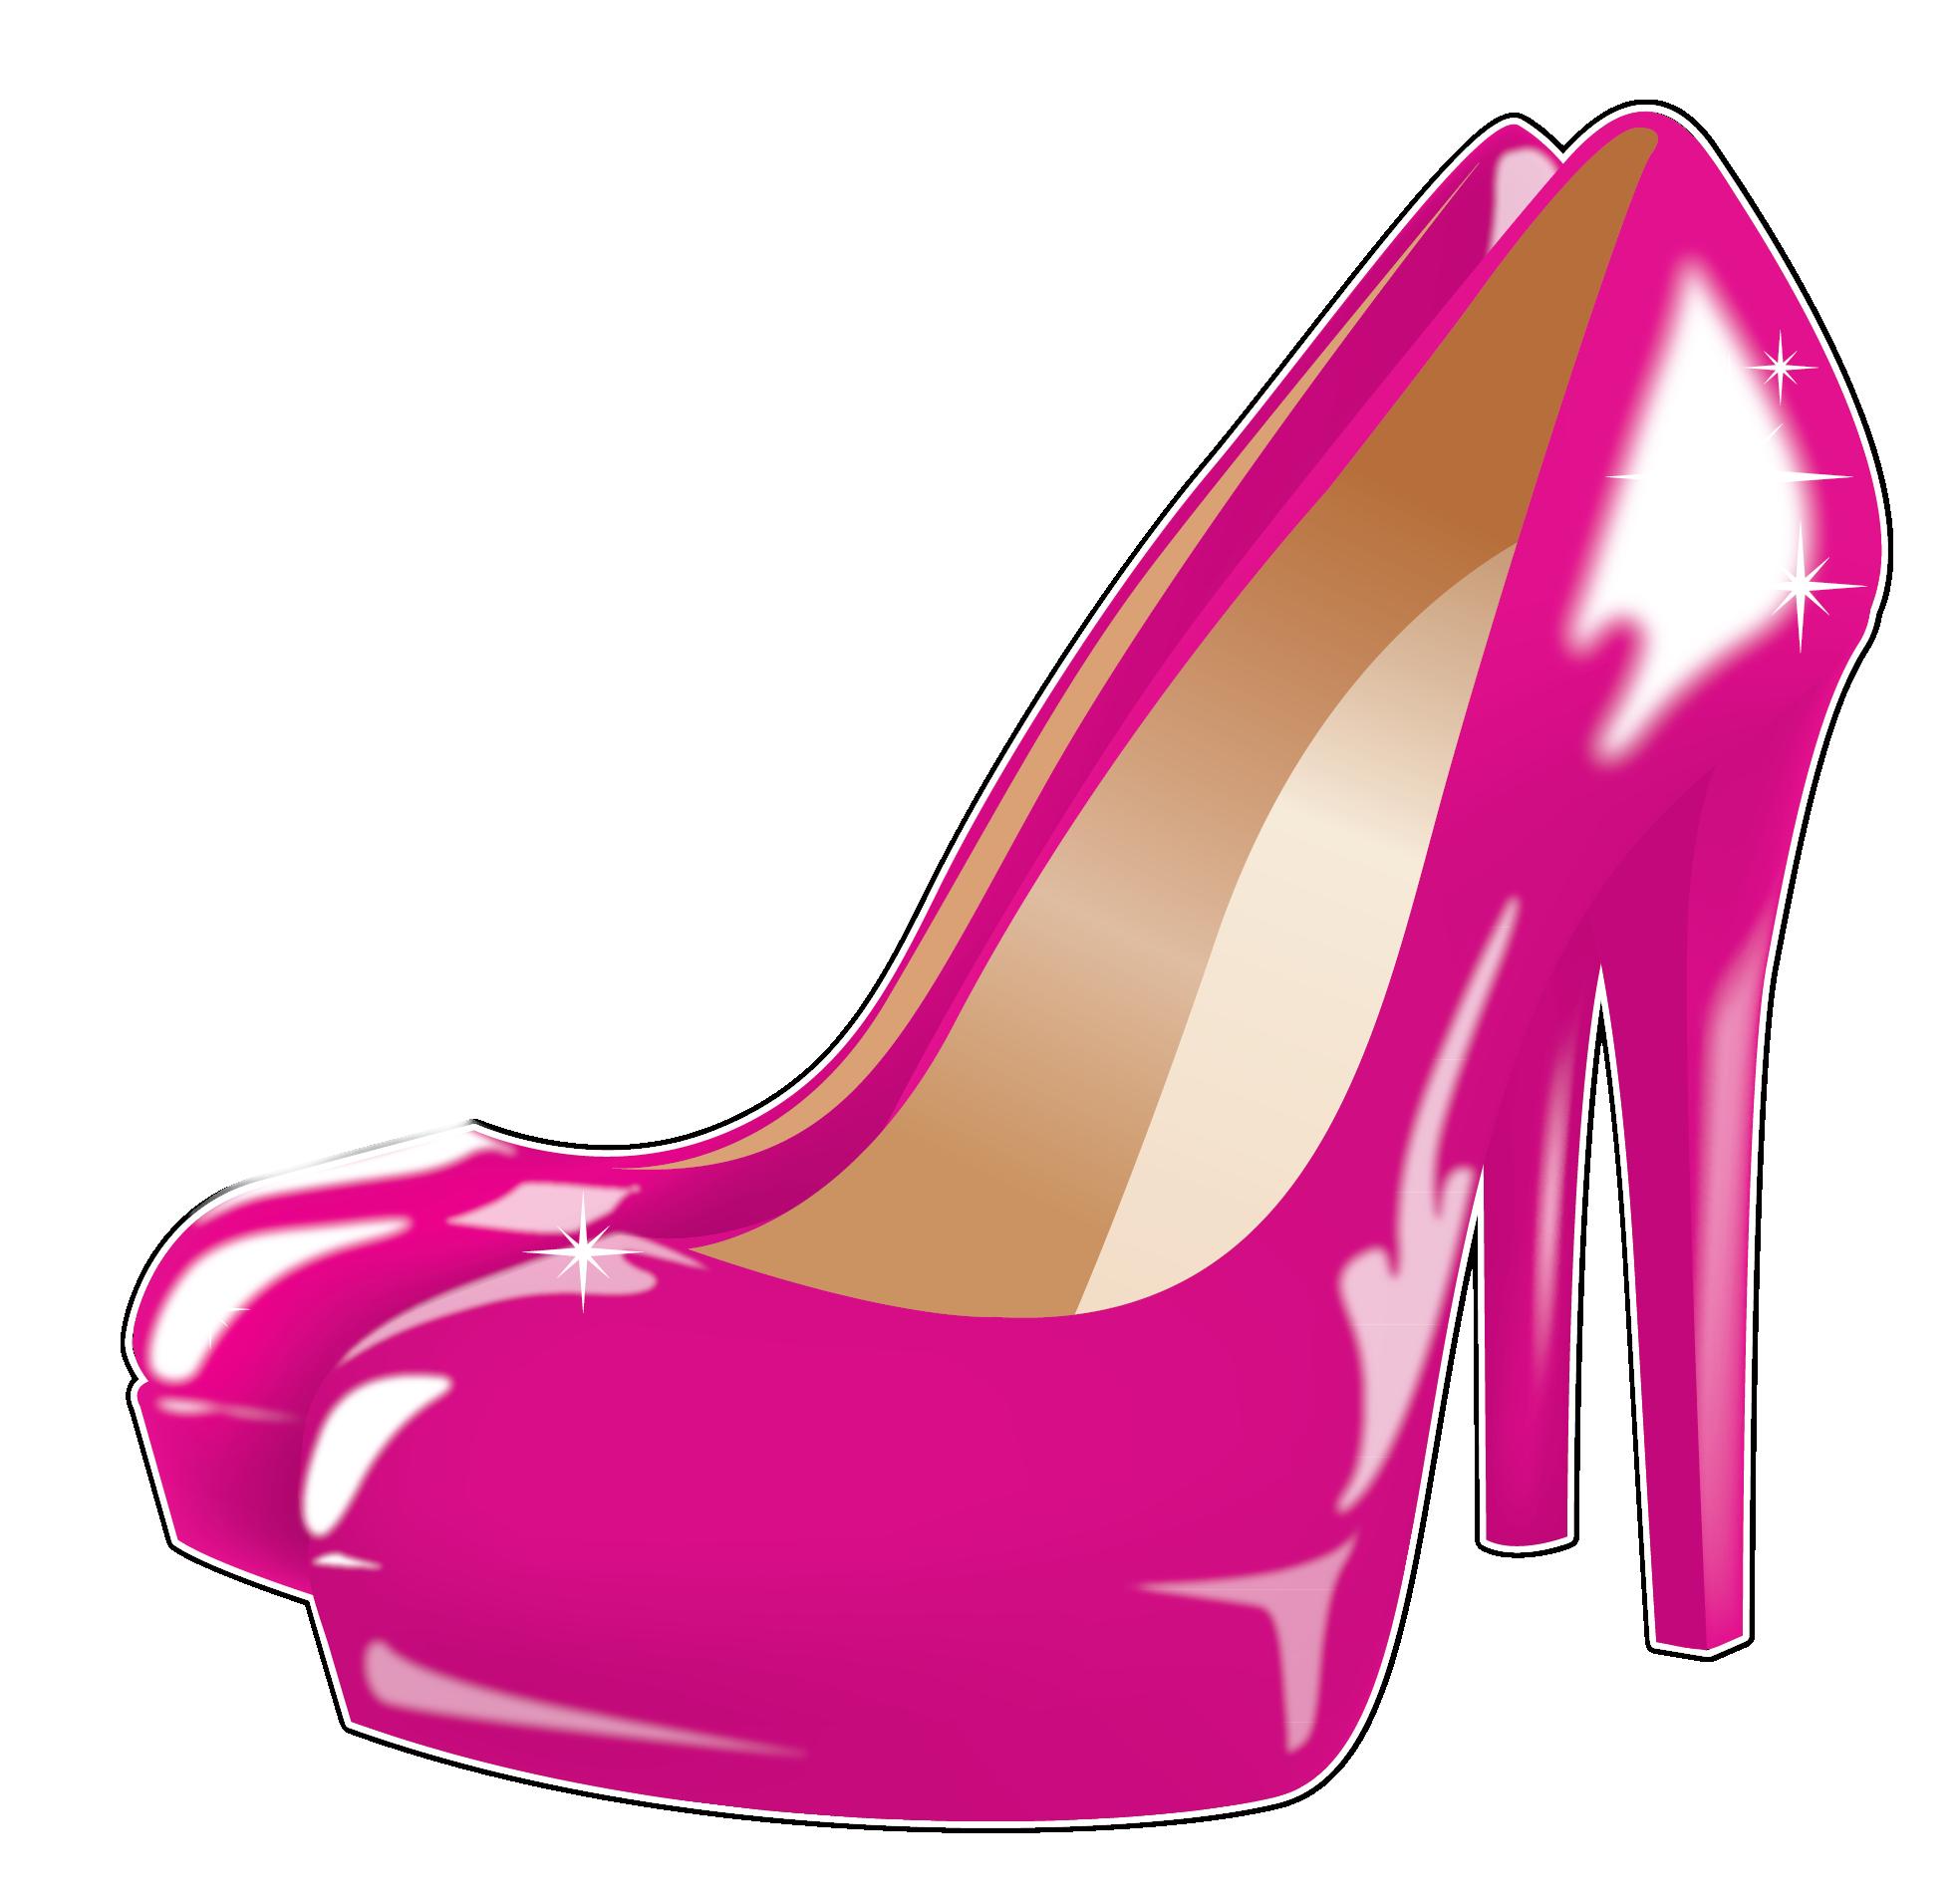 Magnets In Shoe Heels